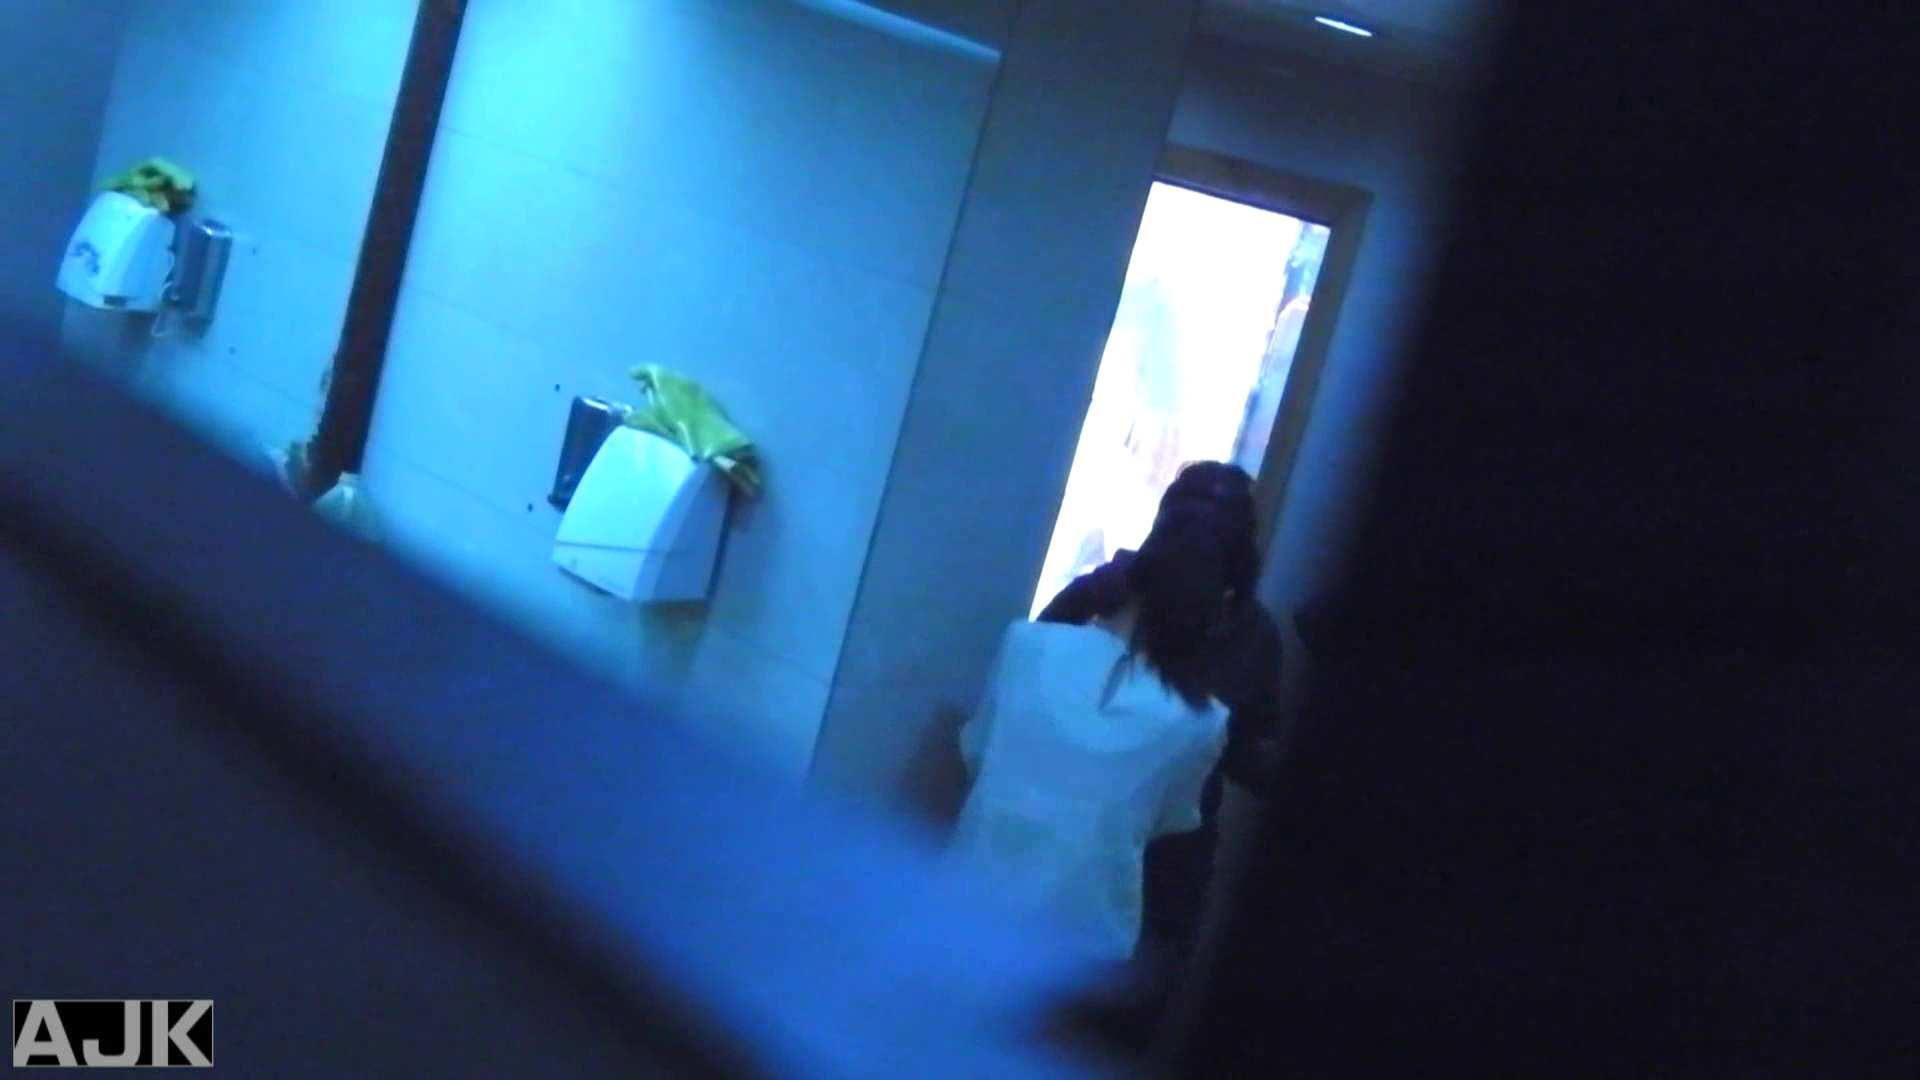 神降臨!史上最強の潜入かわや! vol.05 モロだしオマンコ 盗み撮り動画キャプチャ 69pic 68